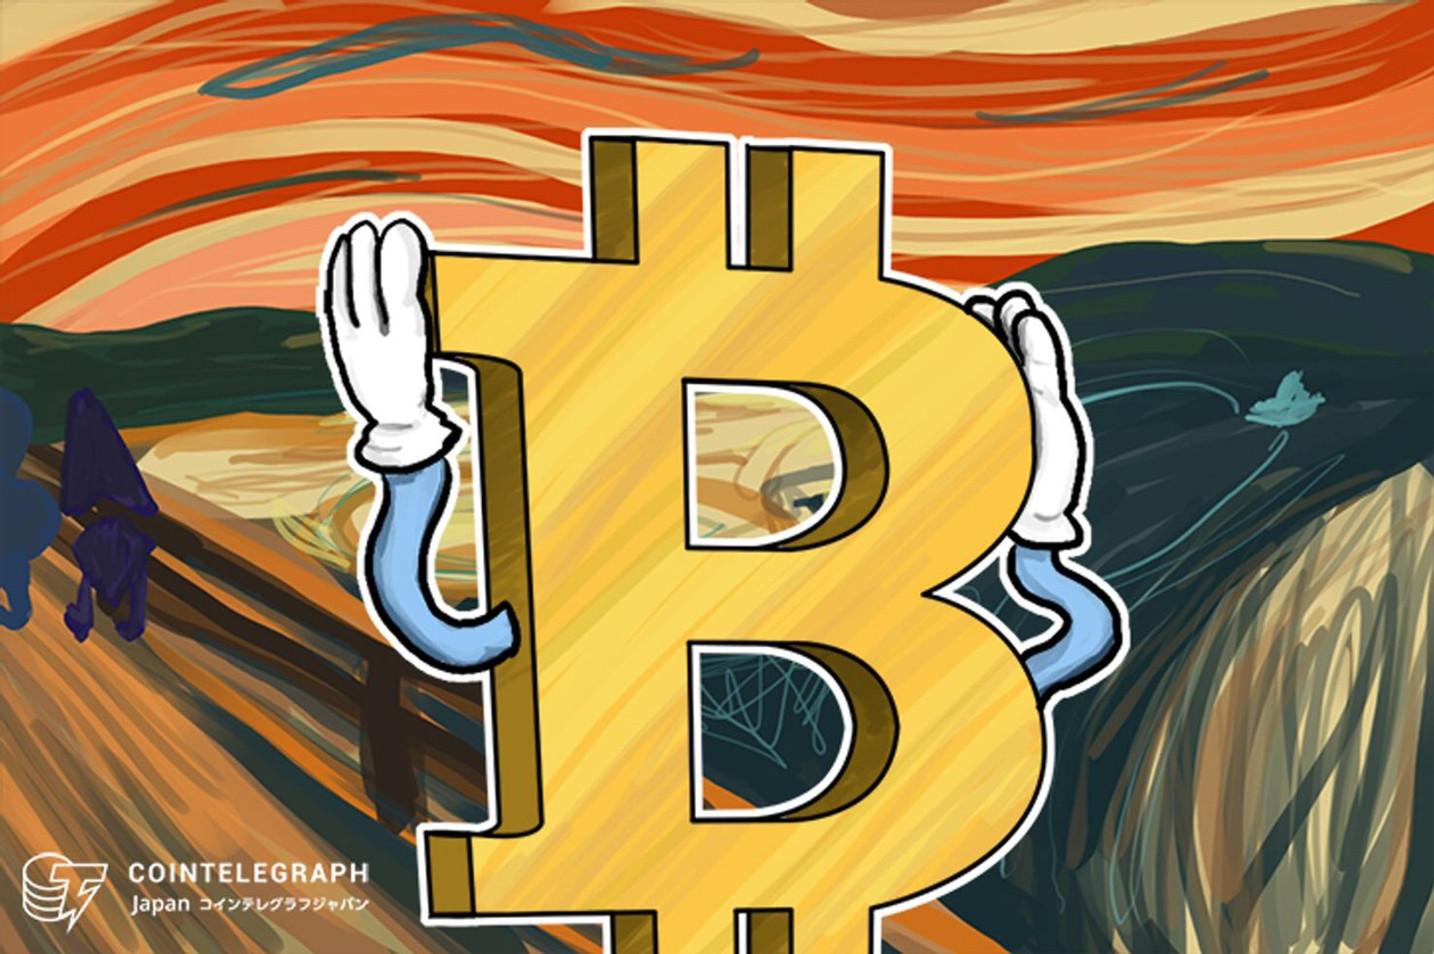 サイバーエージェントビットコインが解散していた事が明らかに、仮想通貨交換業への参入断念が影響か